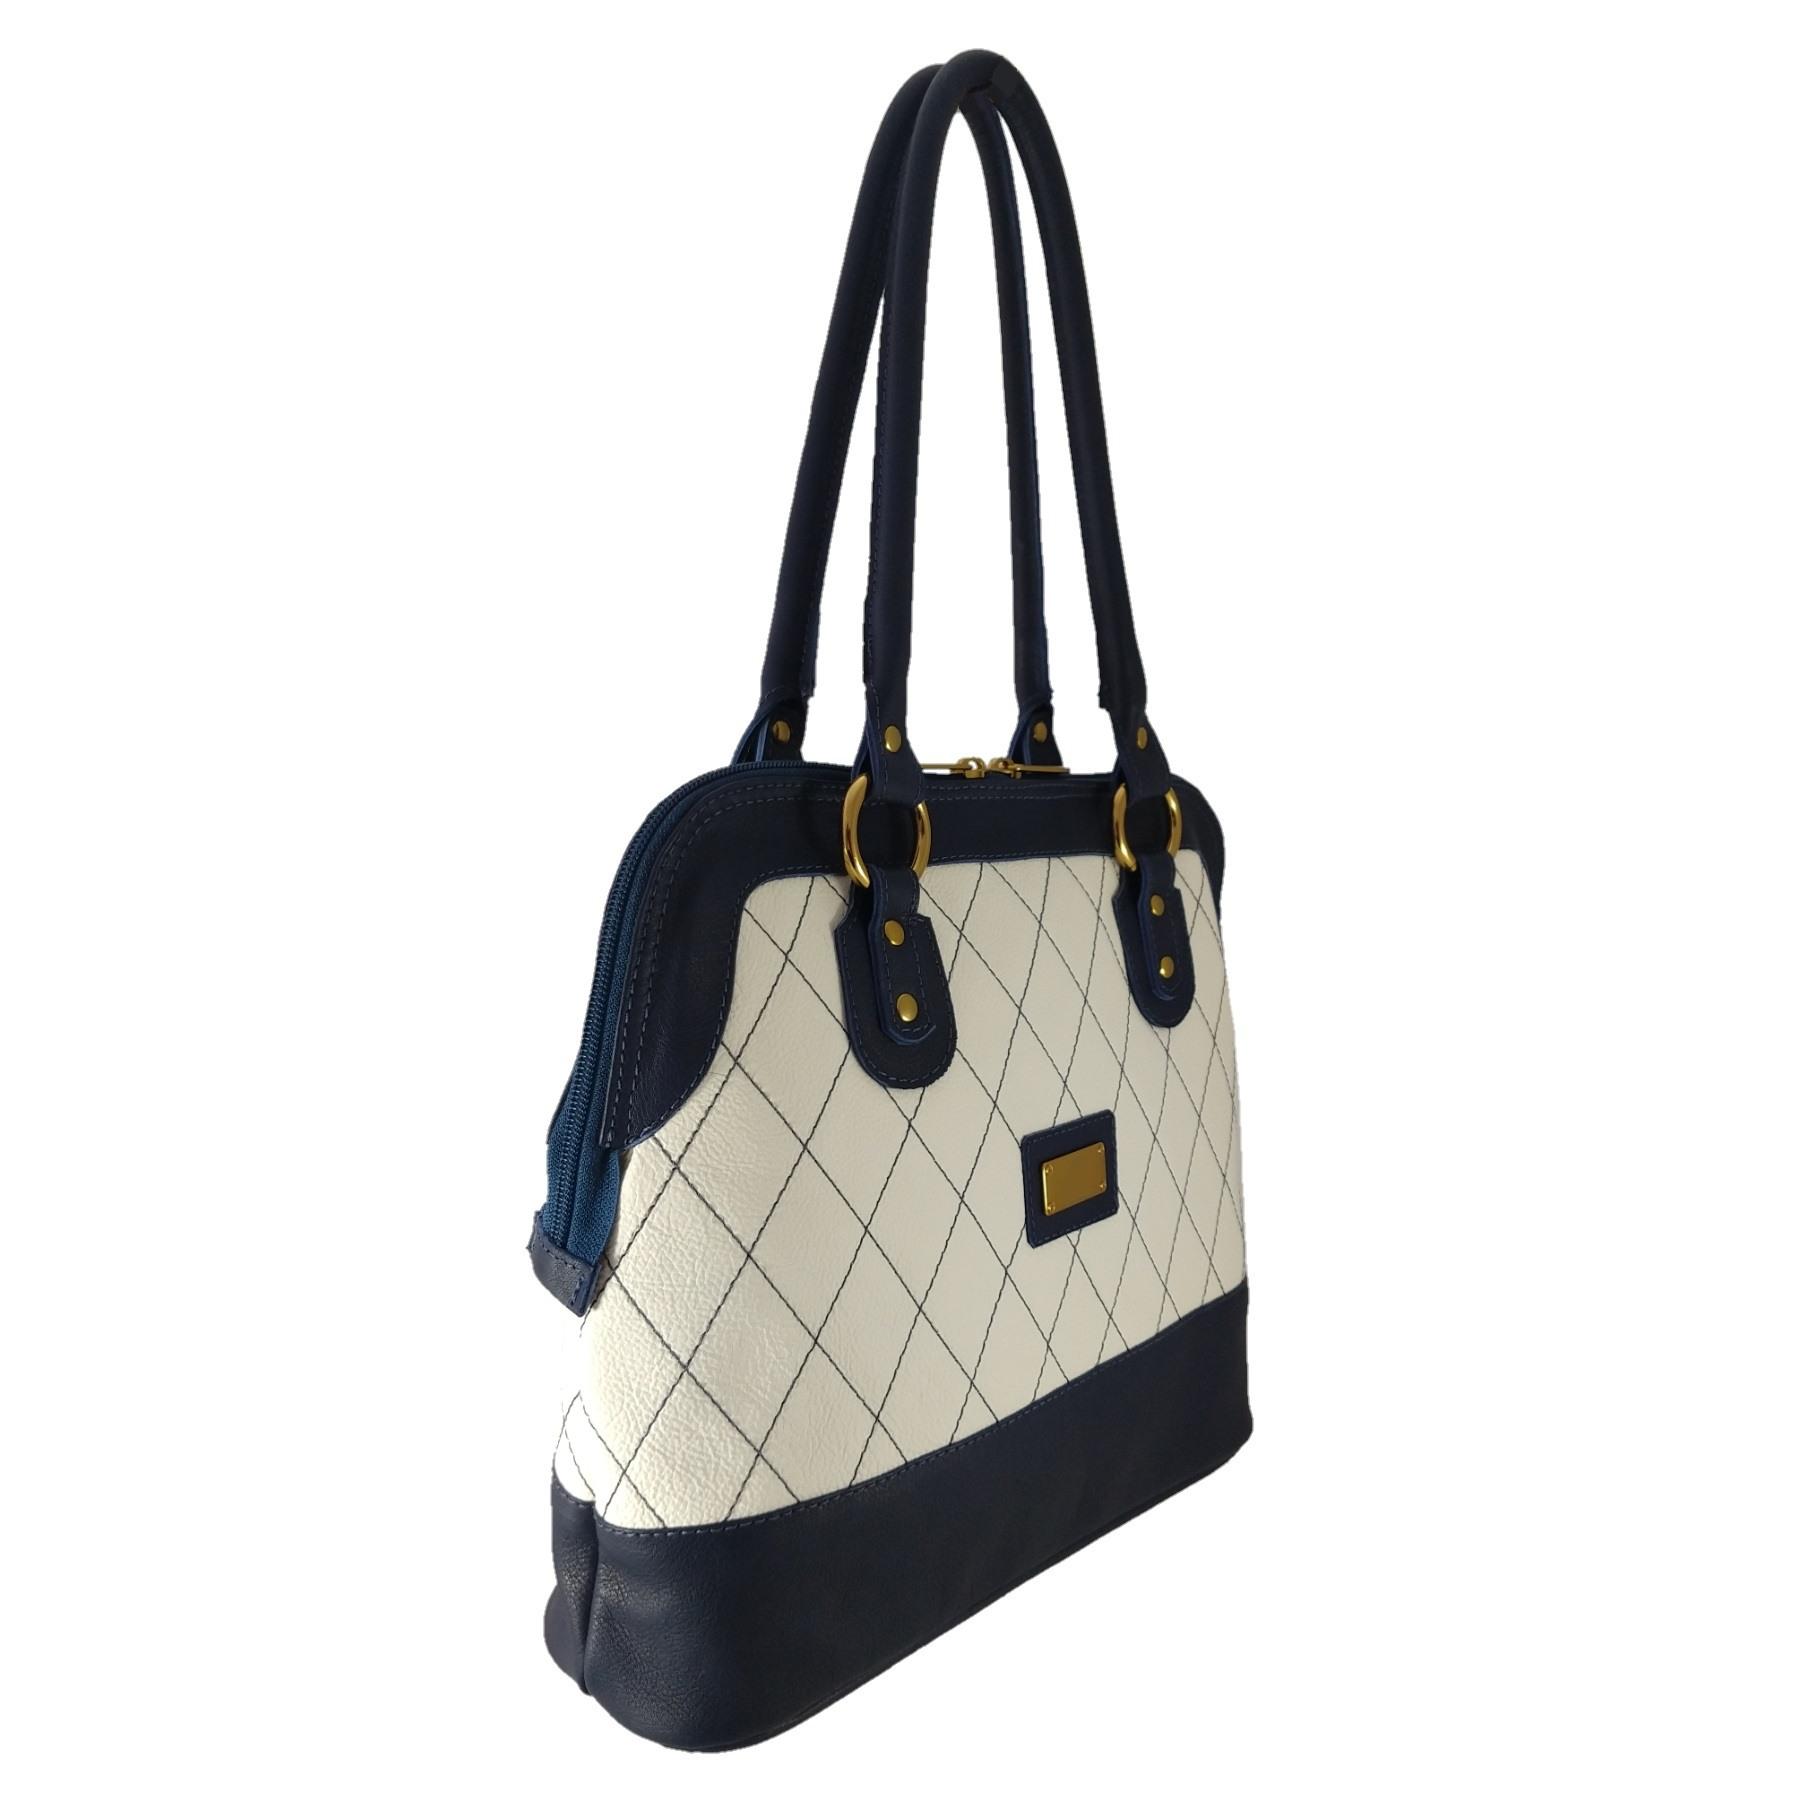 Bolsa Sacola TopGrife Shopper Couro Azul Marinho e Branco  - SAPATOWEB.COM